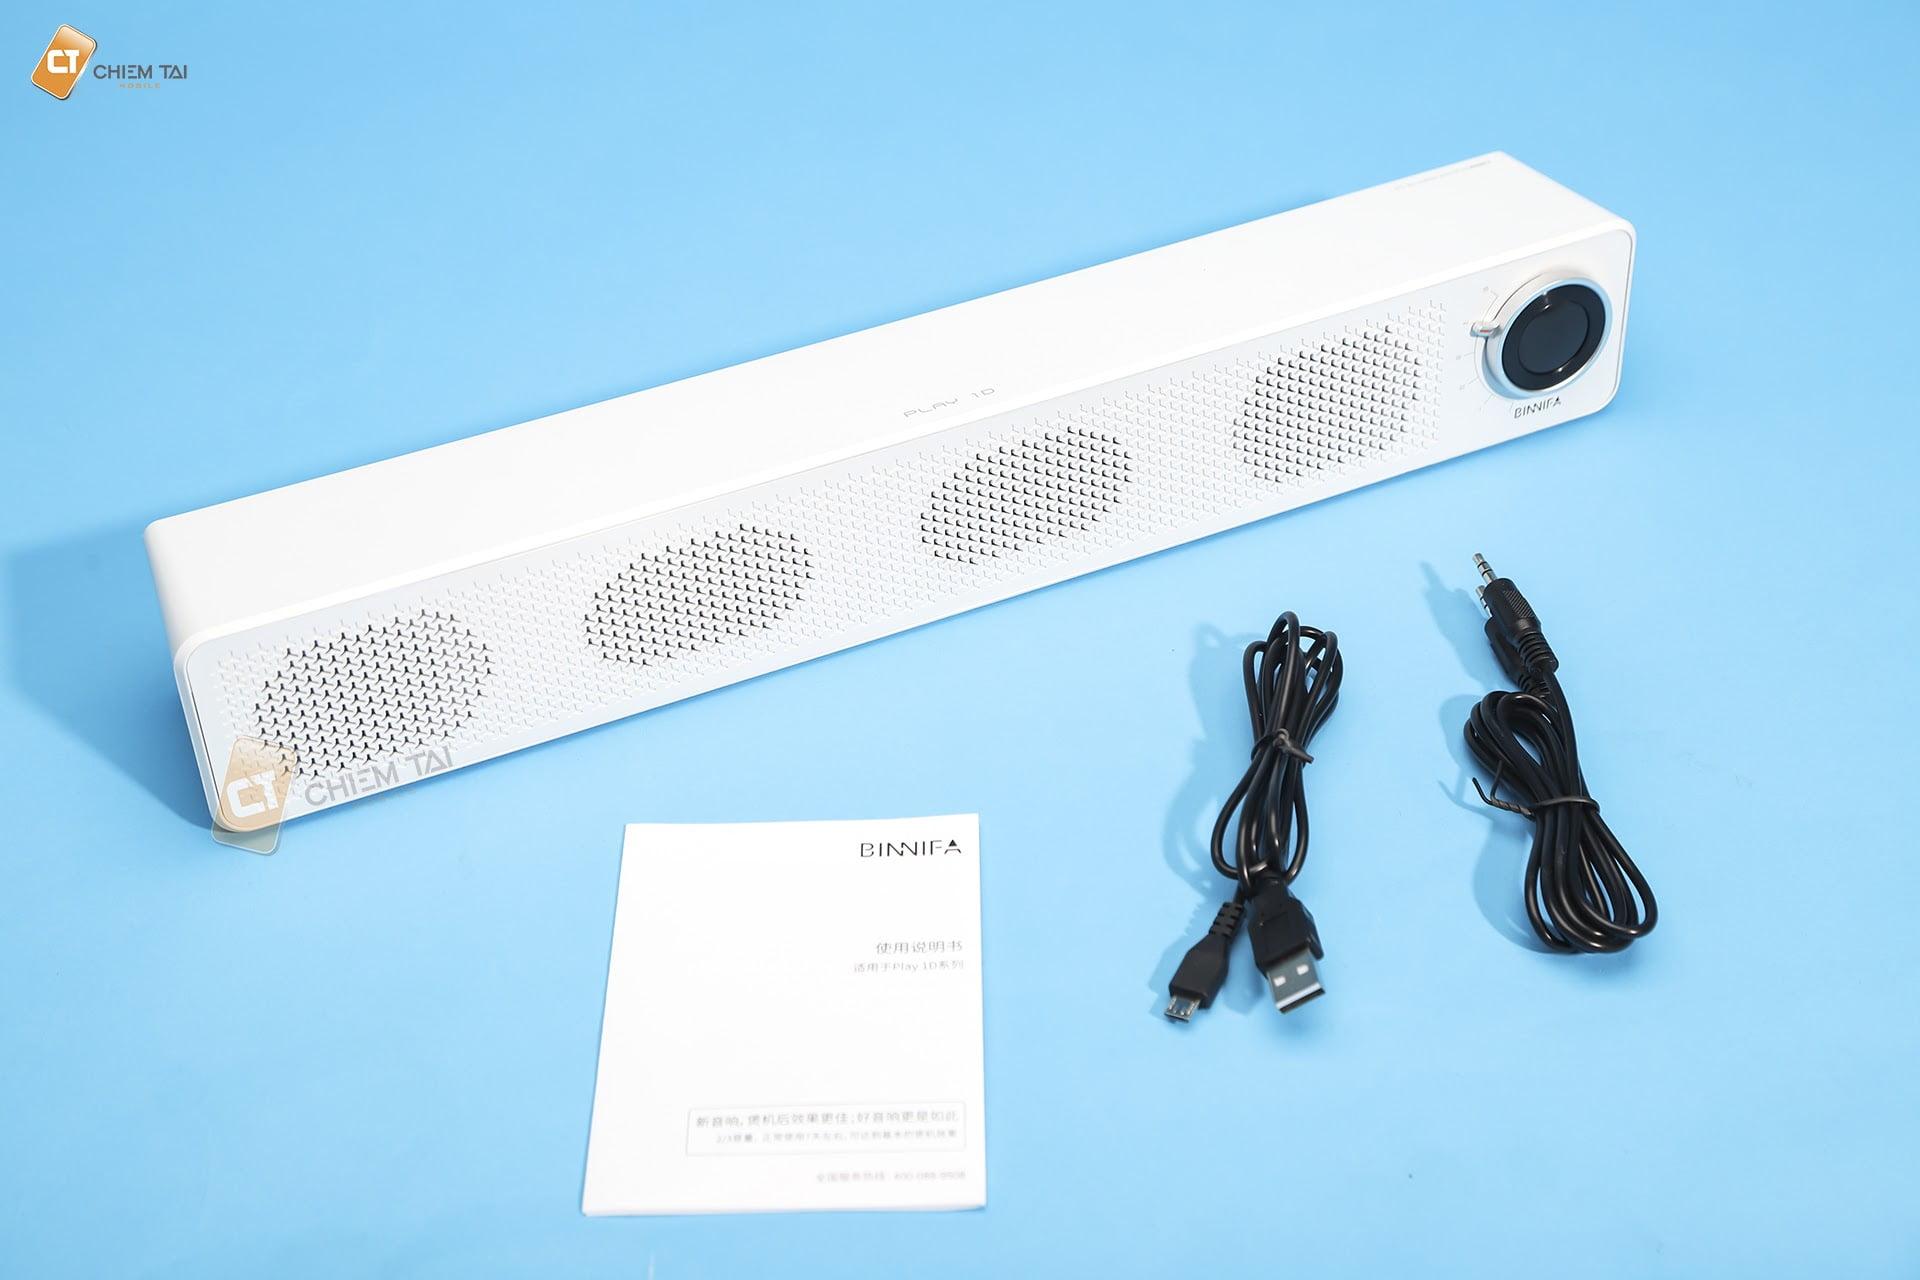 loa soundbar mini binnifa play 1d 605da2407c465